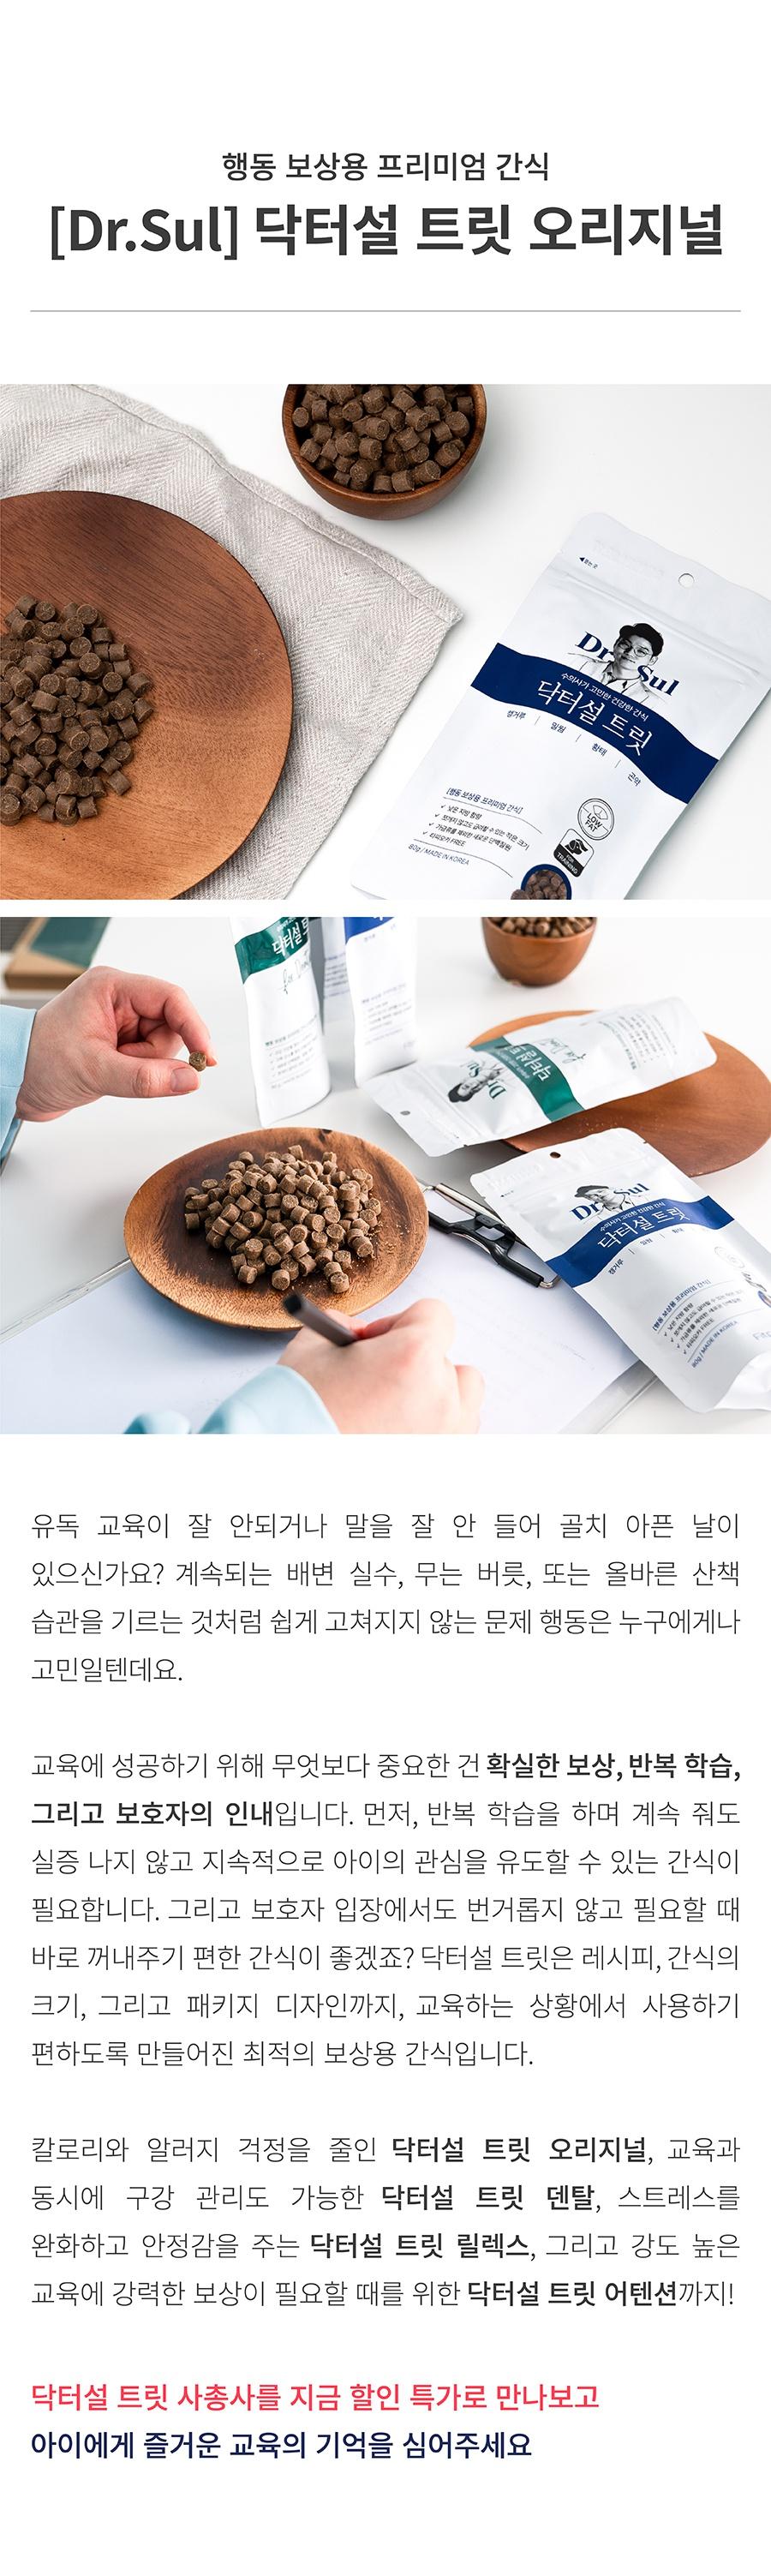 닥터설 트릿 모음전-상품이미지-4